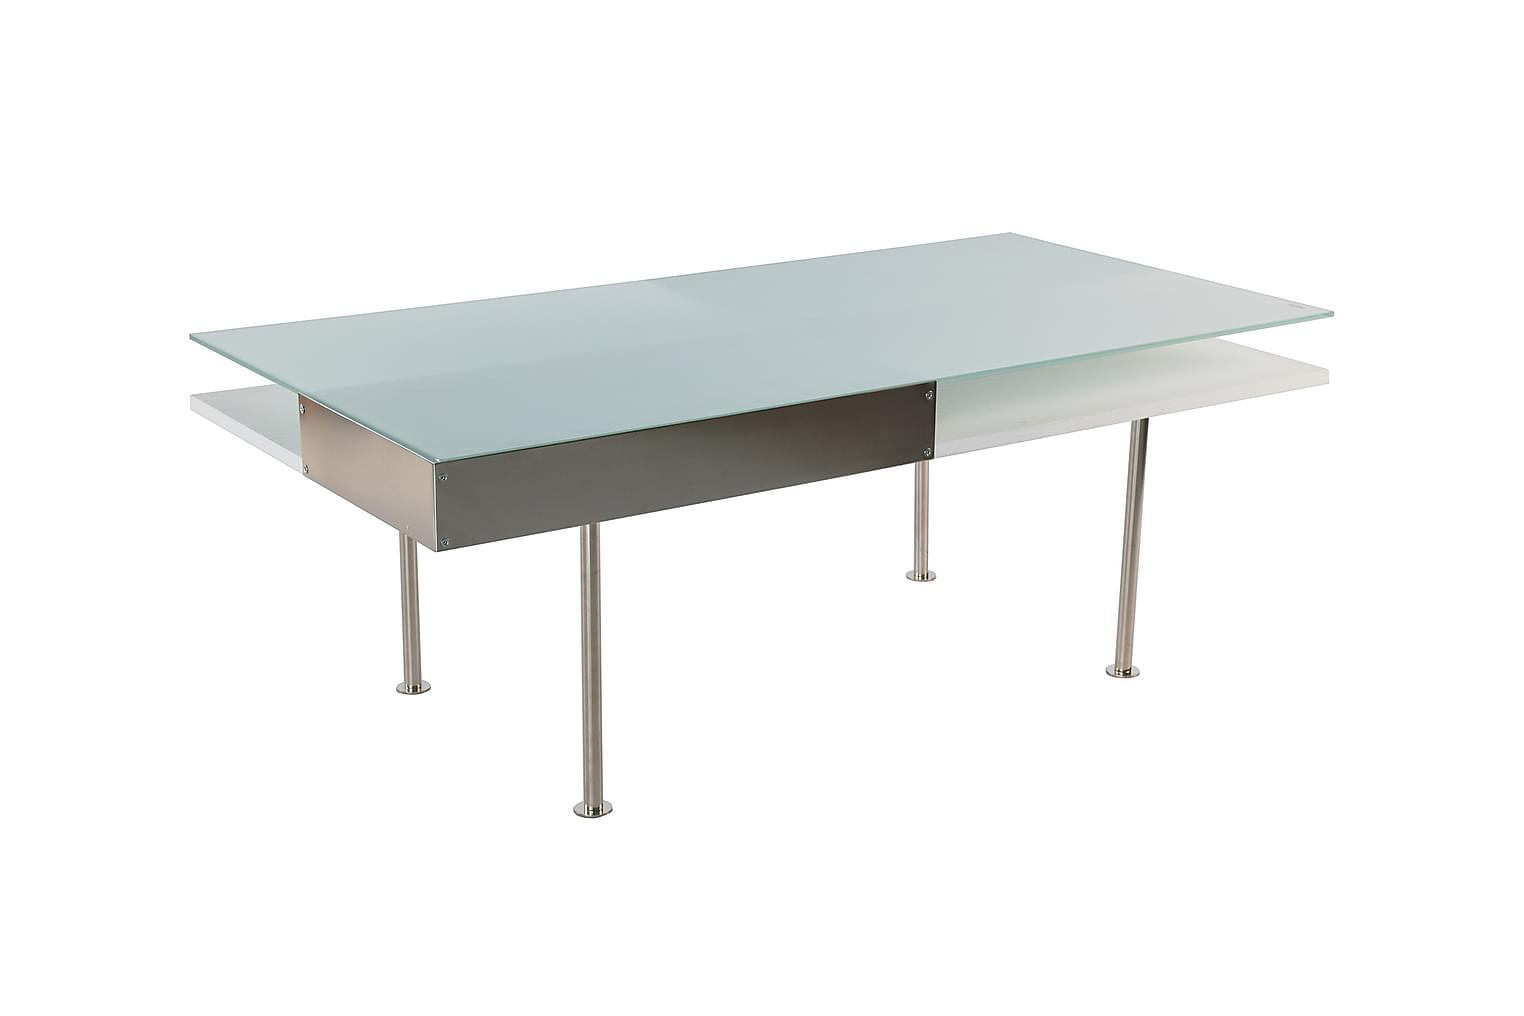 FRANK Sohvapöytä 130 Tammiviilu Valkoinen/lasi